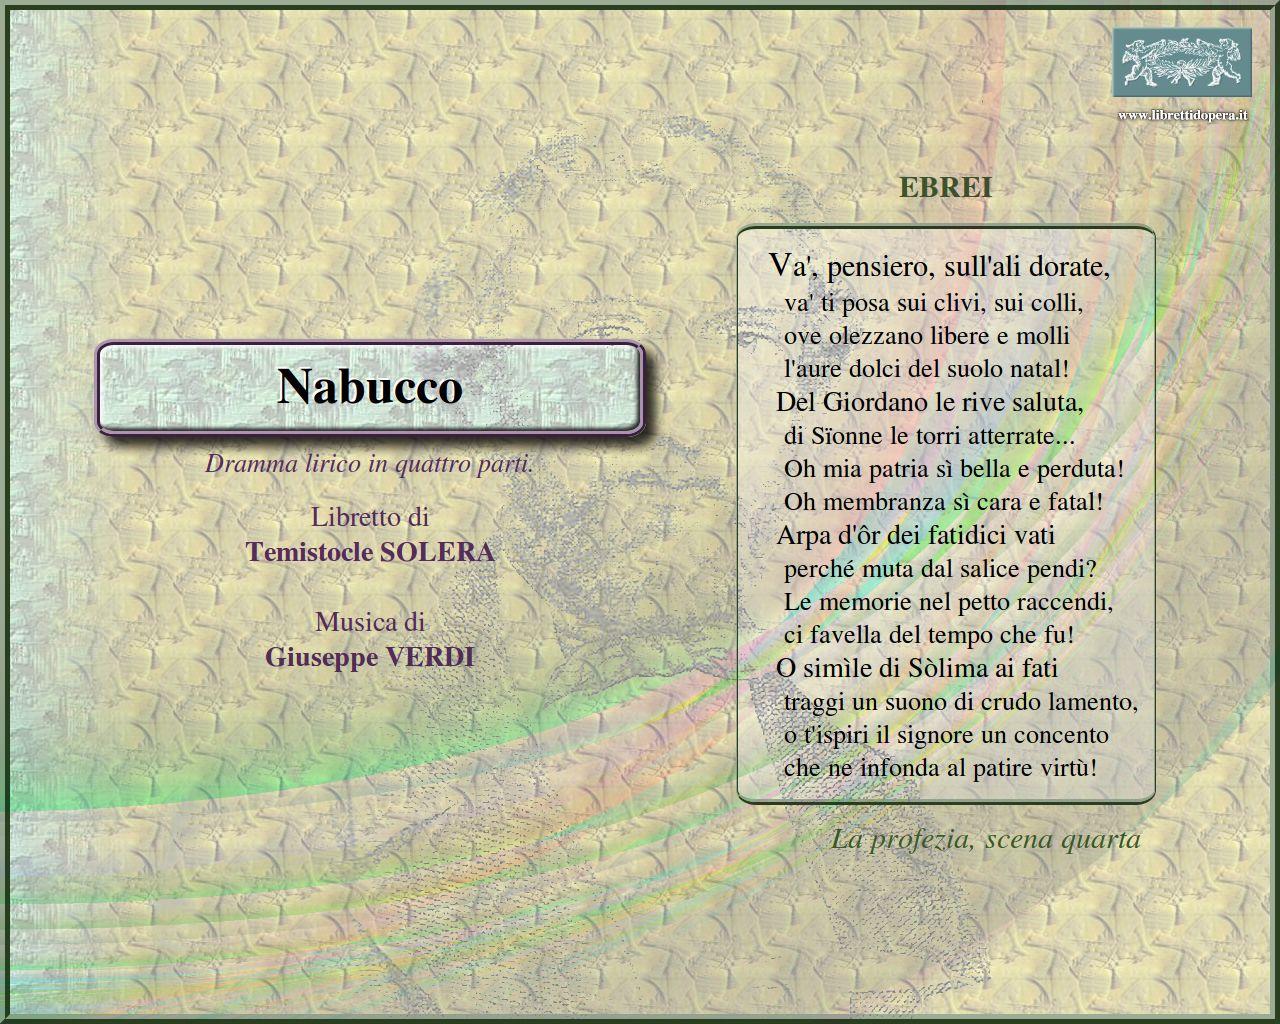 Frasi Sulla Musica Verdi.Citazioni Nabucco Wikiopera